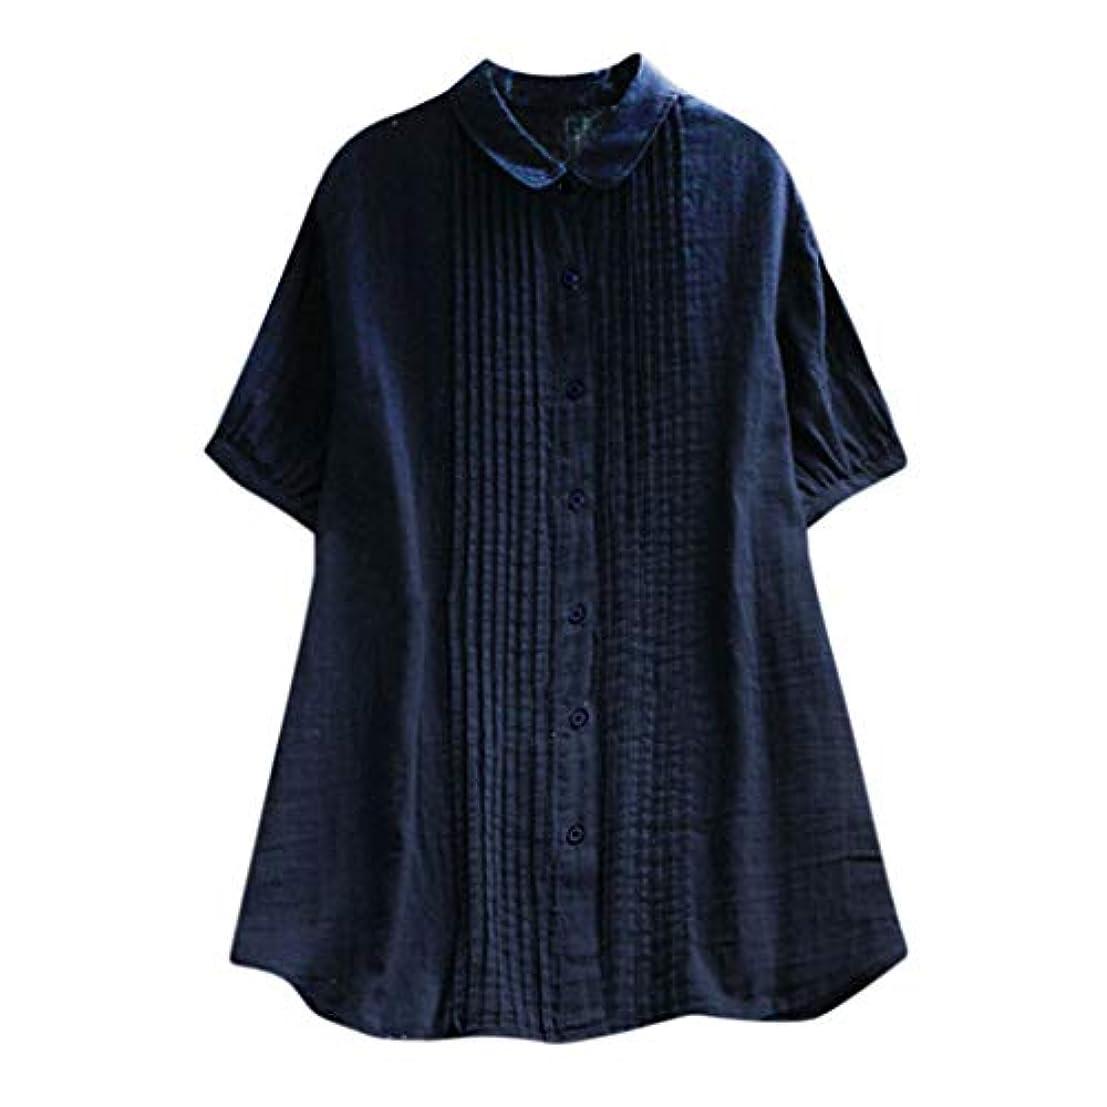 パノラマ広告特派員女性の半袖Tシャツ - ピーターパンカラー夏緩い無地カジュアルダウントップスブラウス (青, 2XL)